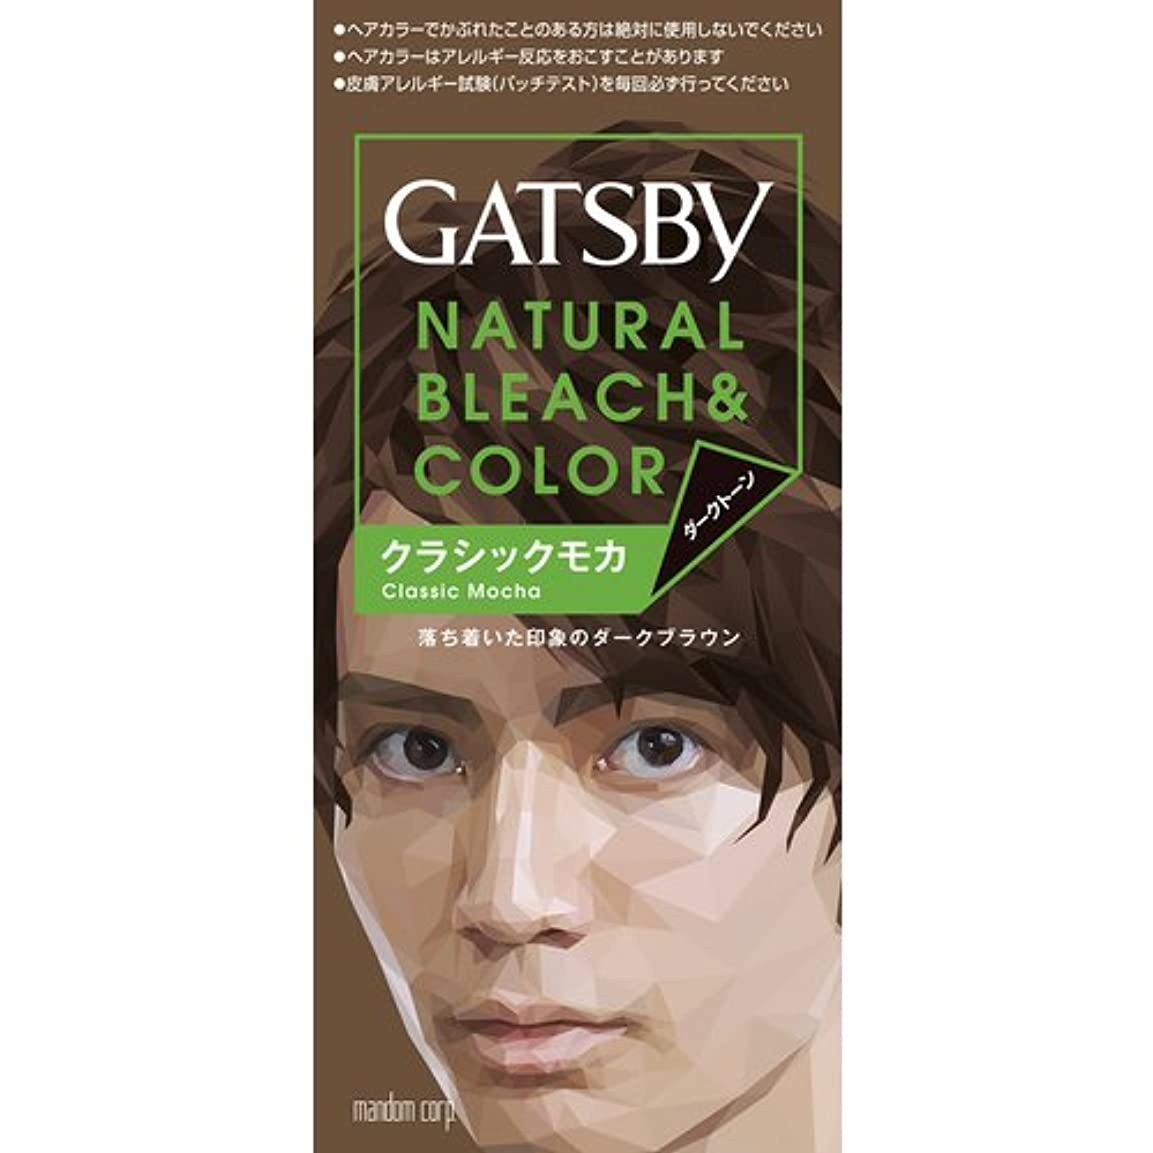 ギャツビー(GATSBY) ナチュラルブリーチカラー クラシックモカ 35g+70ml [医薬部外品]